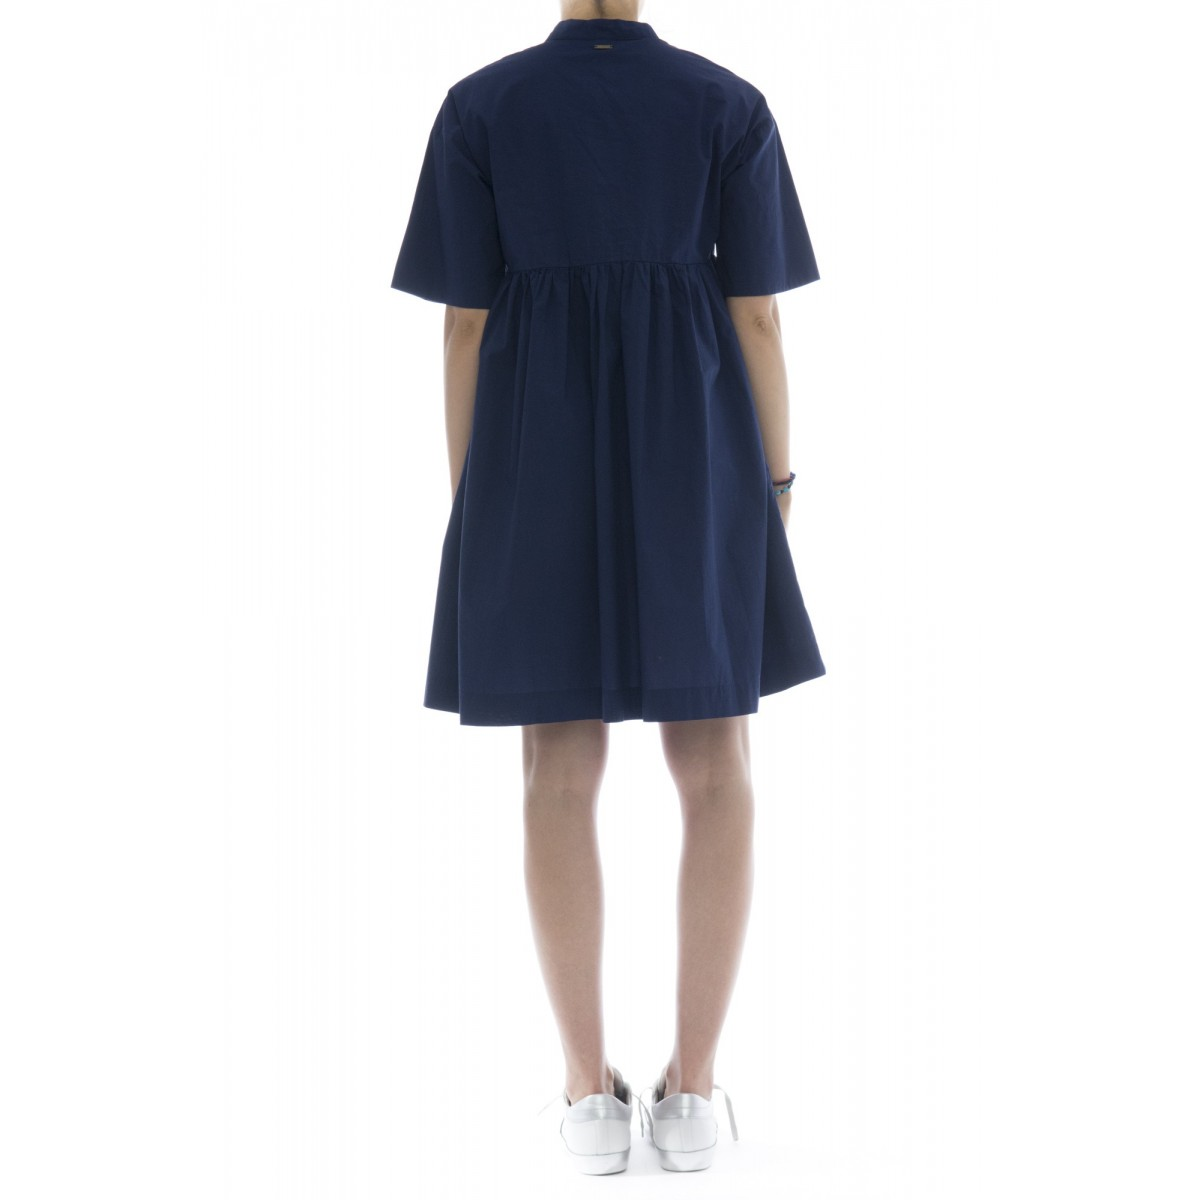 Vestito - Wwabi0384 p090 vestito over unito